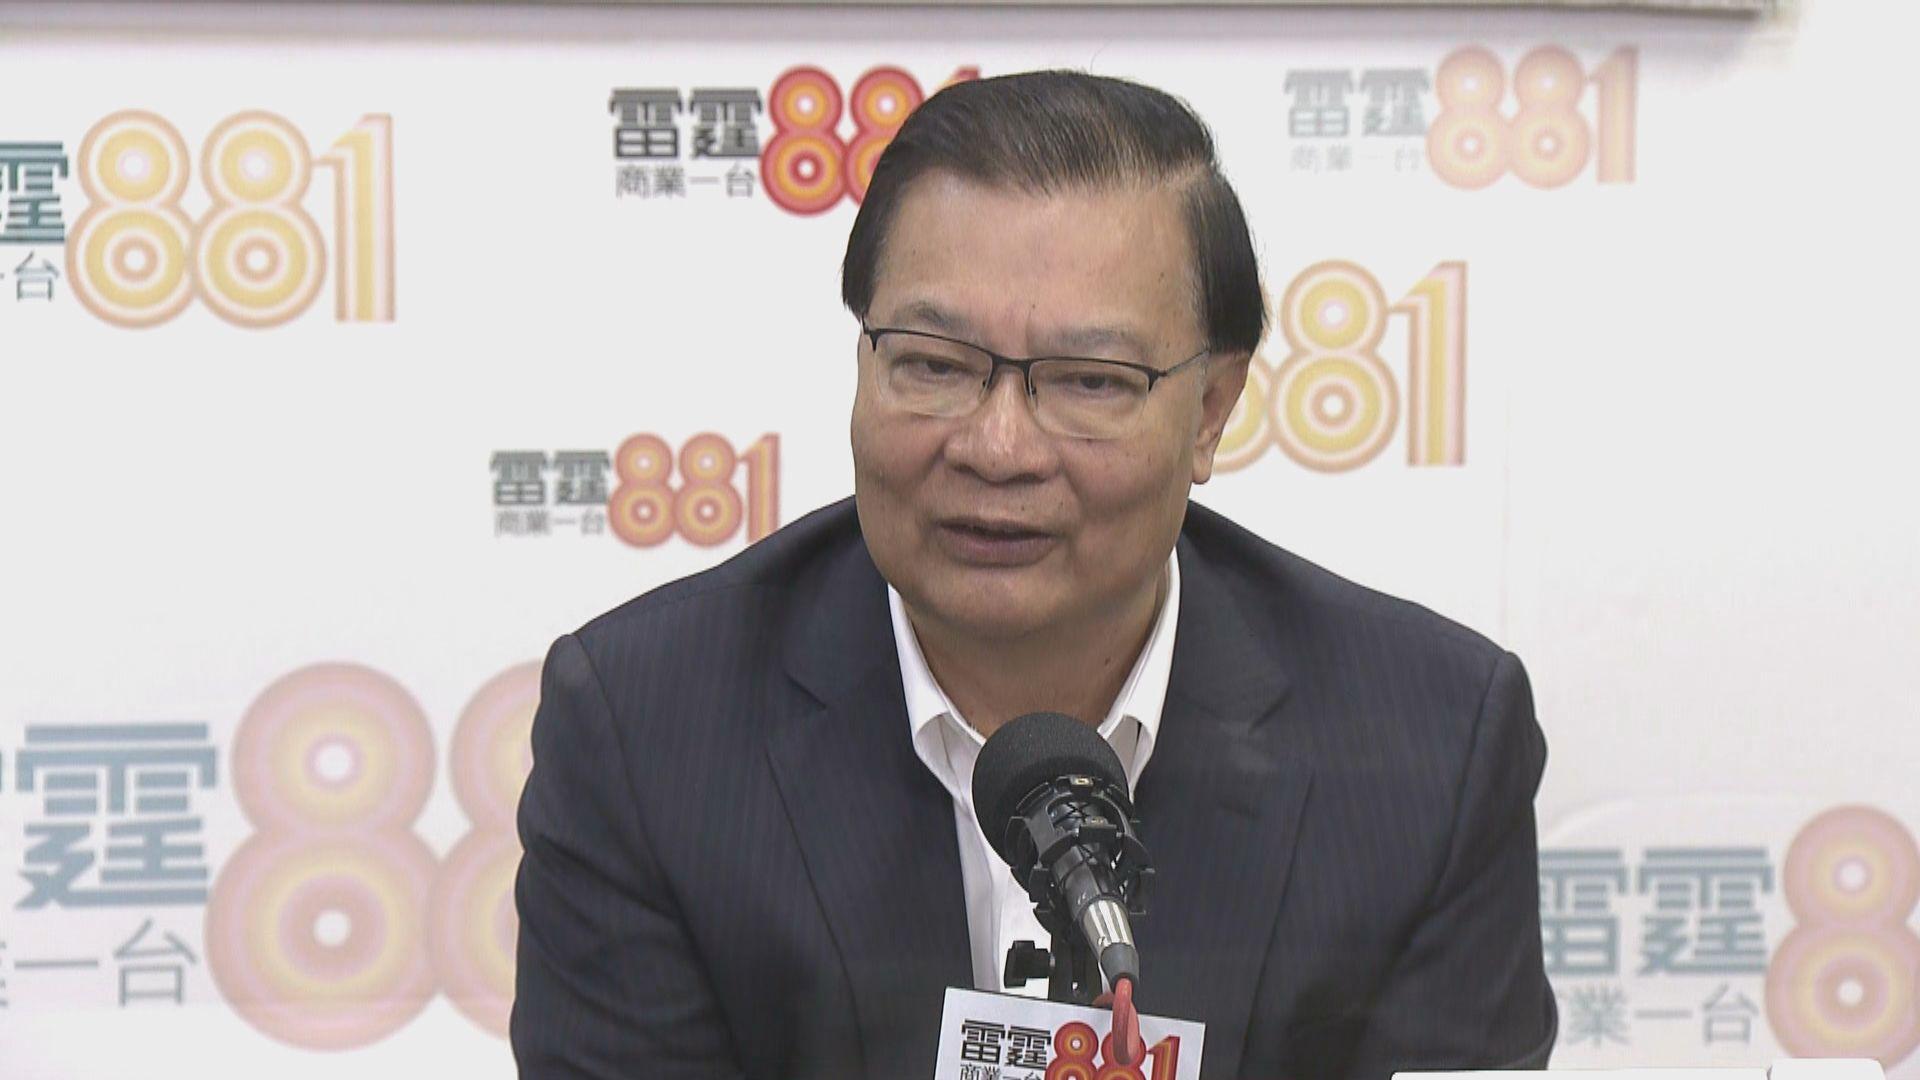 譚耀宗:馬凱被拒續簽證與新聞自由無關